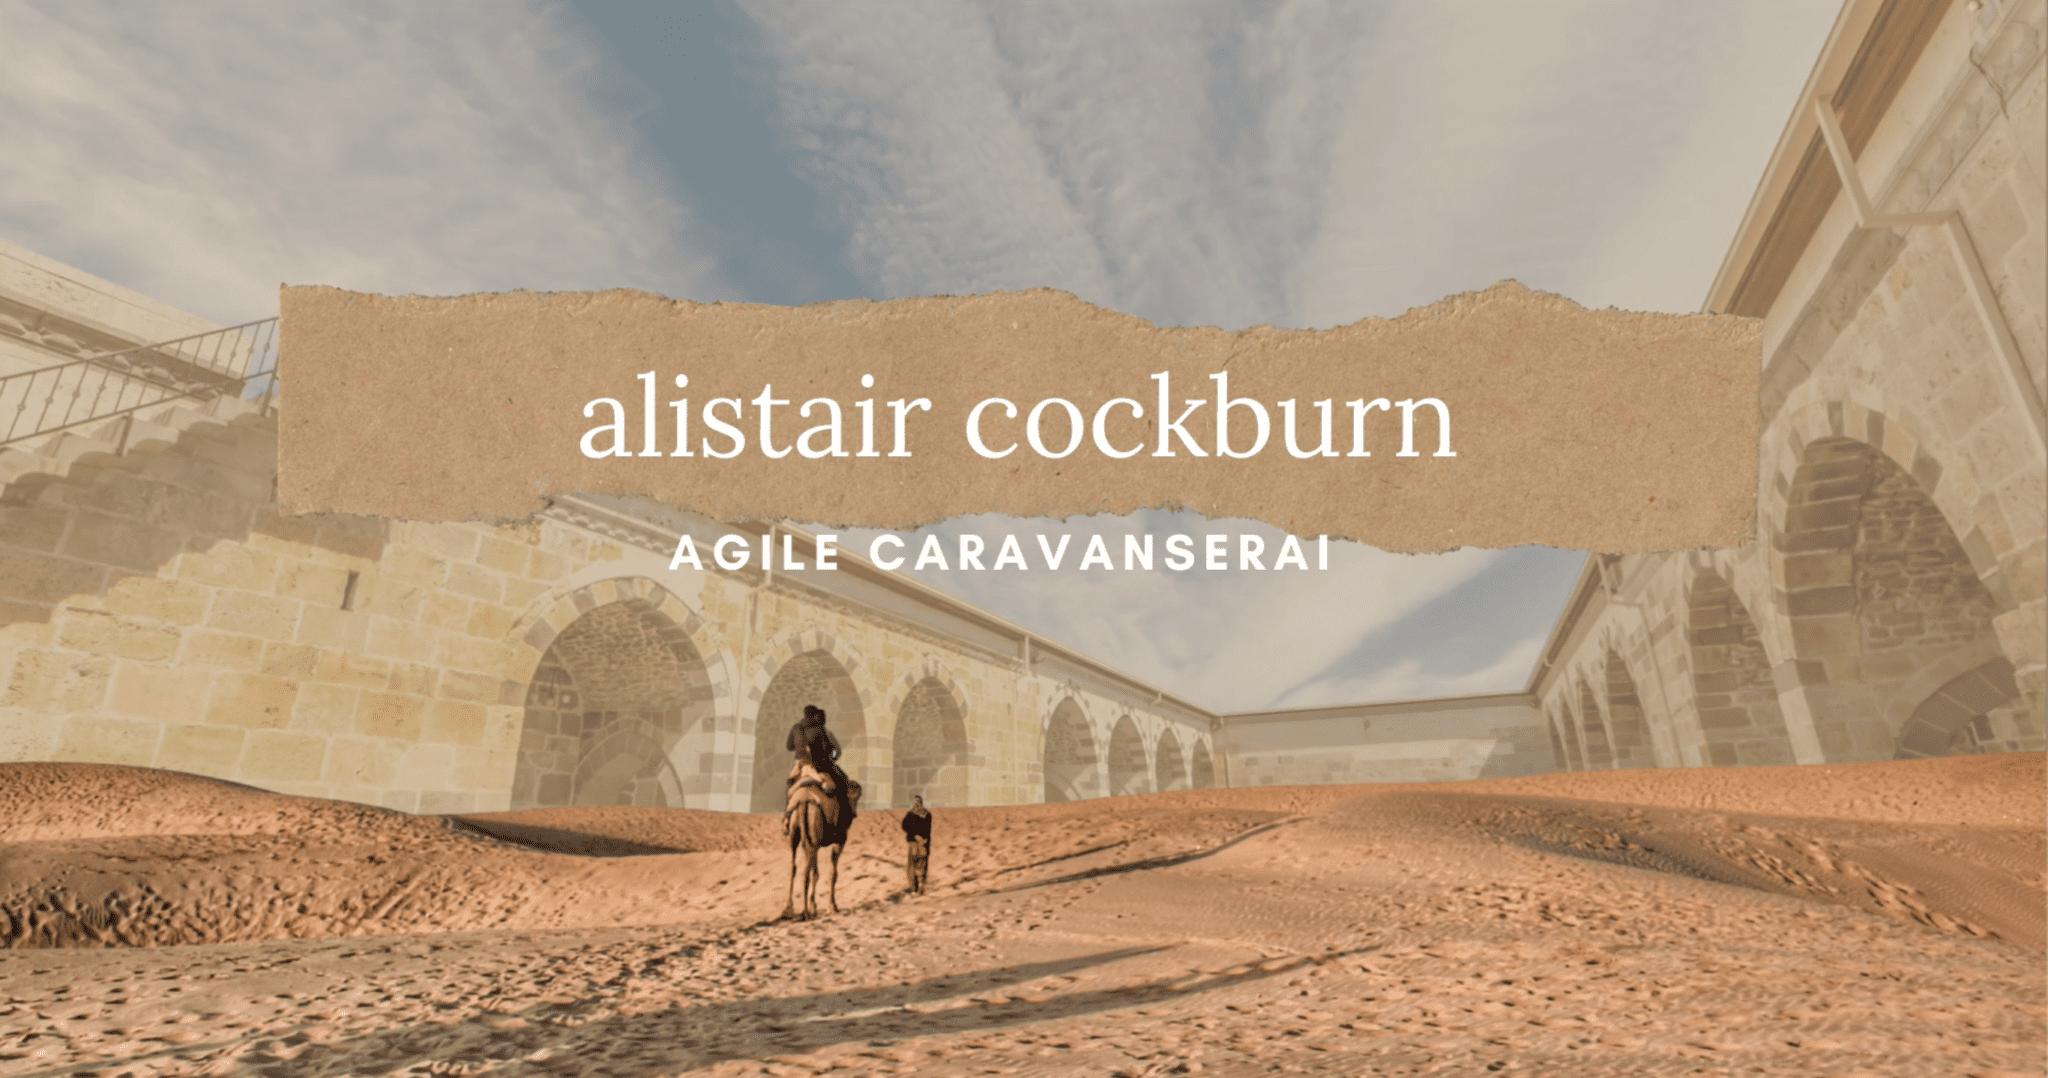 Agile Caravanserai: Alistair Cockburn